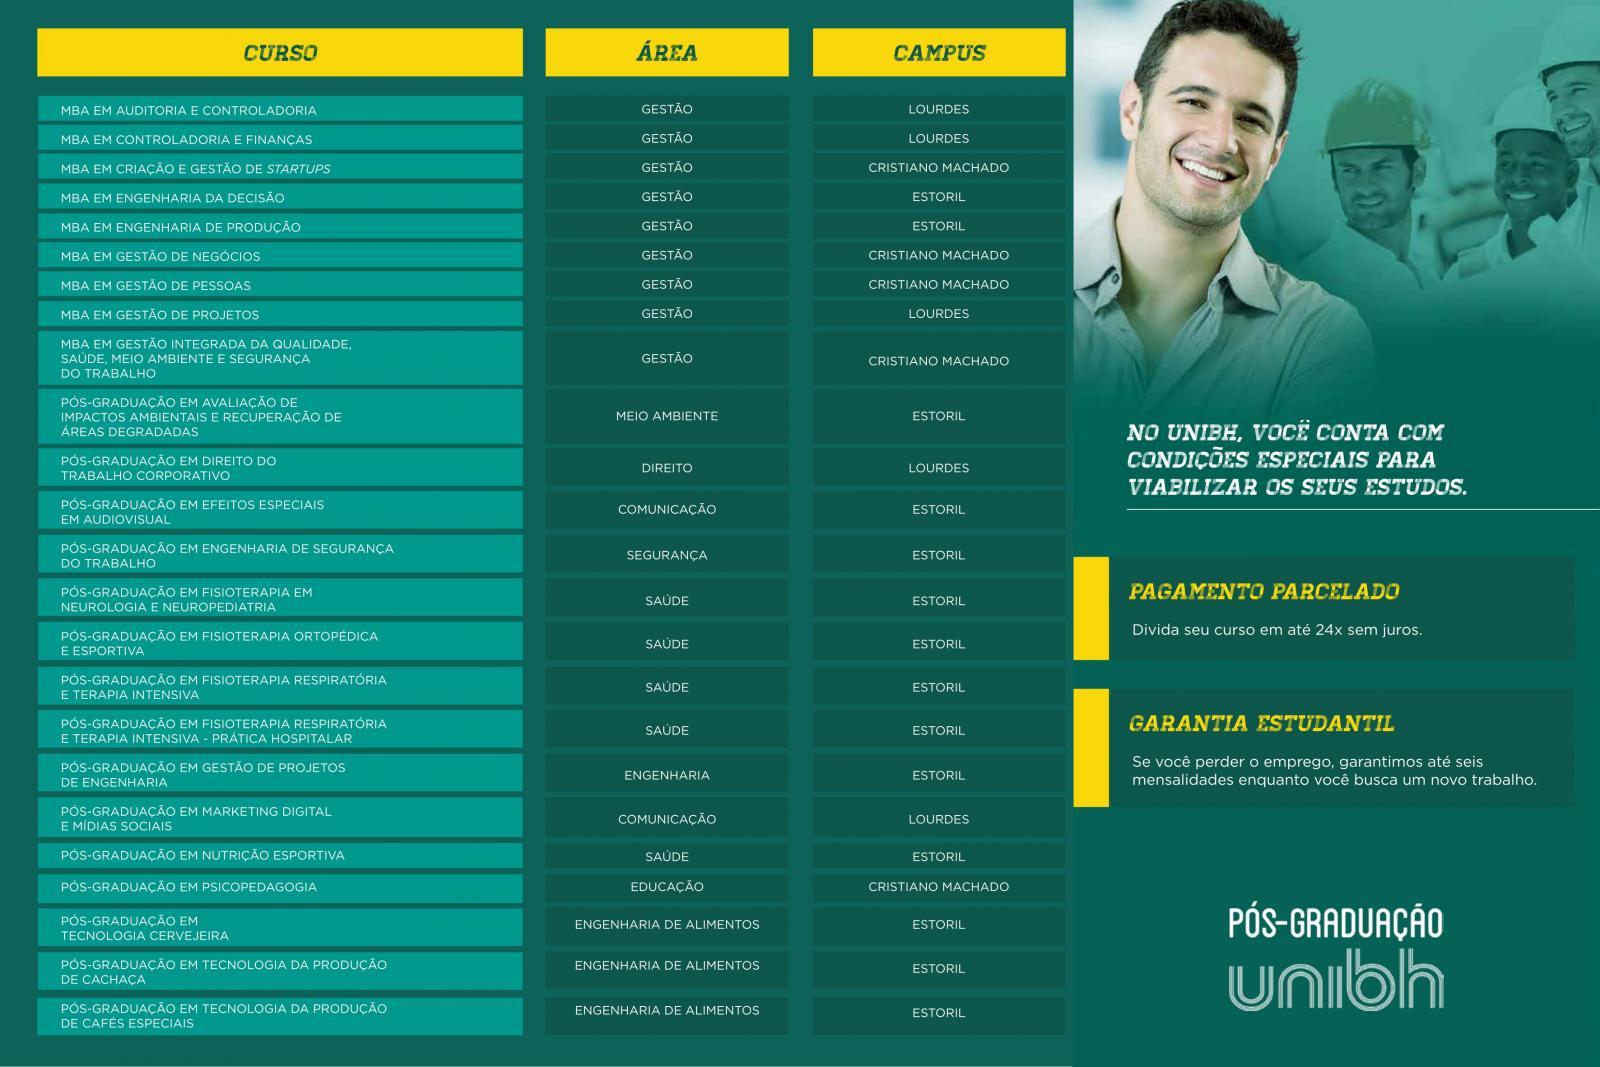 UNIBH_pos_graduacao_cursos-1.jpg